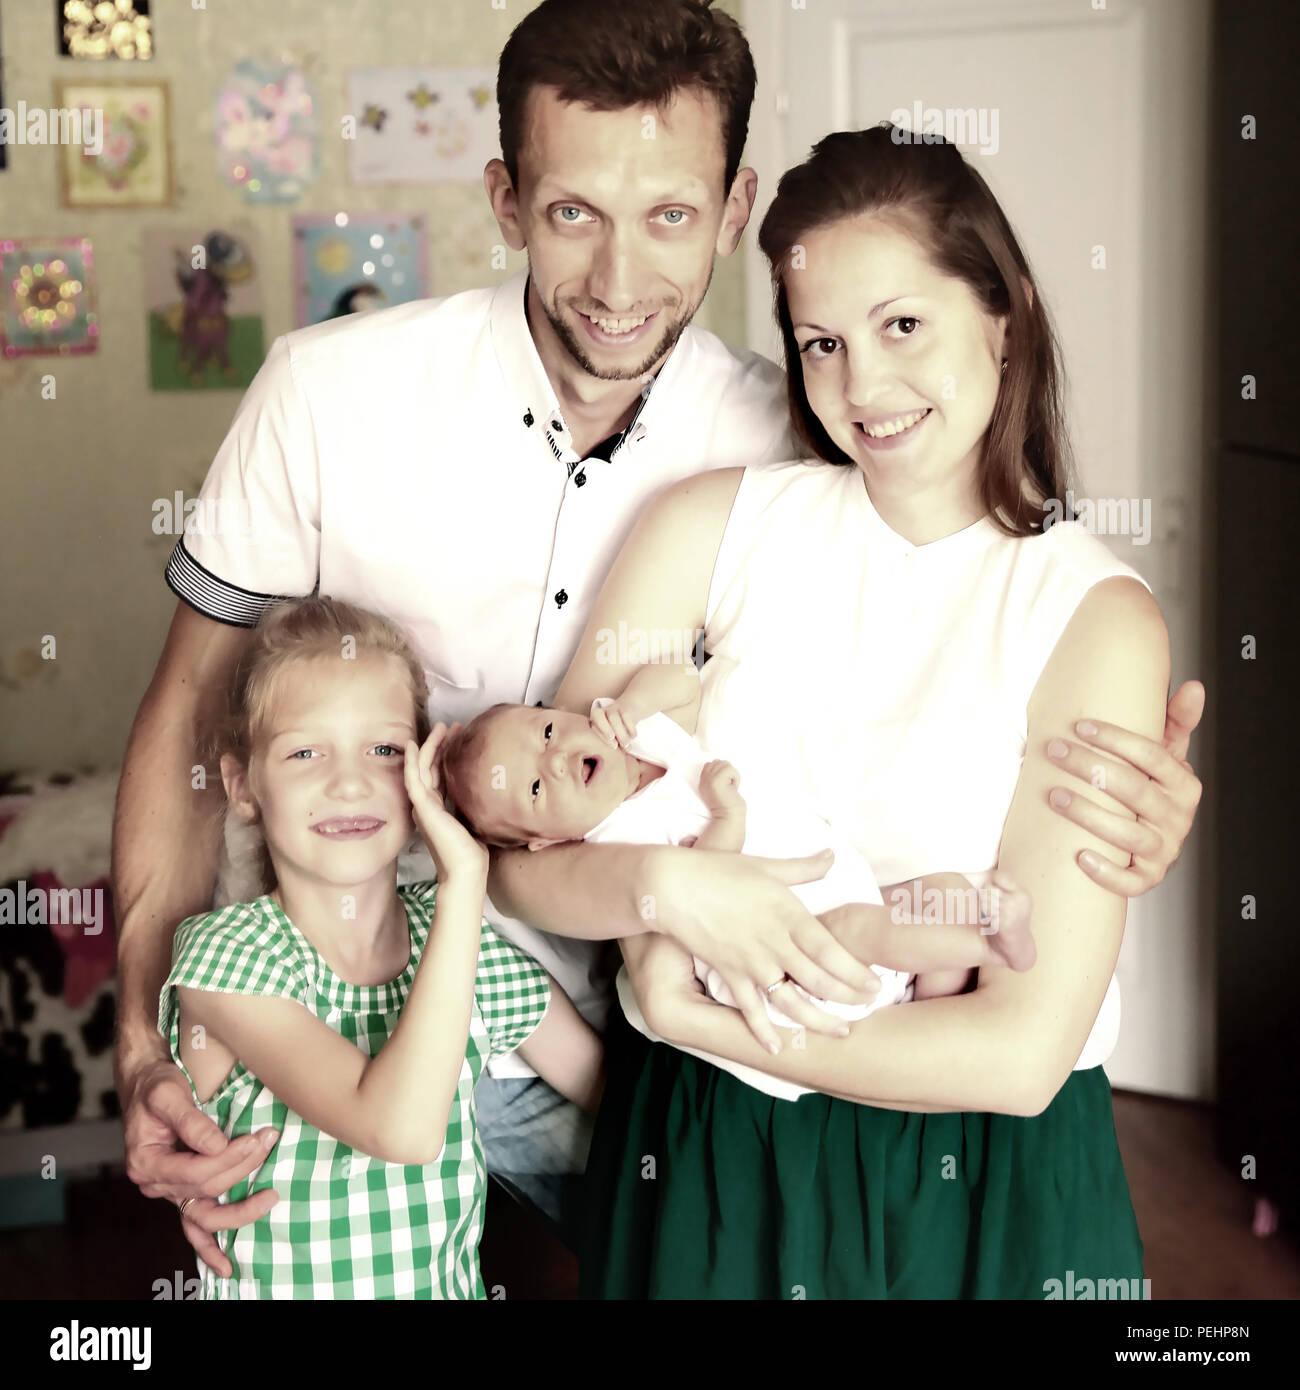 Papa, maman et fille avec un bébé nouveau-né Photo Stock